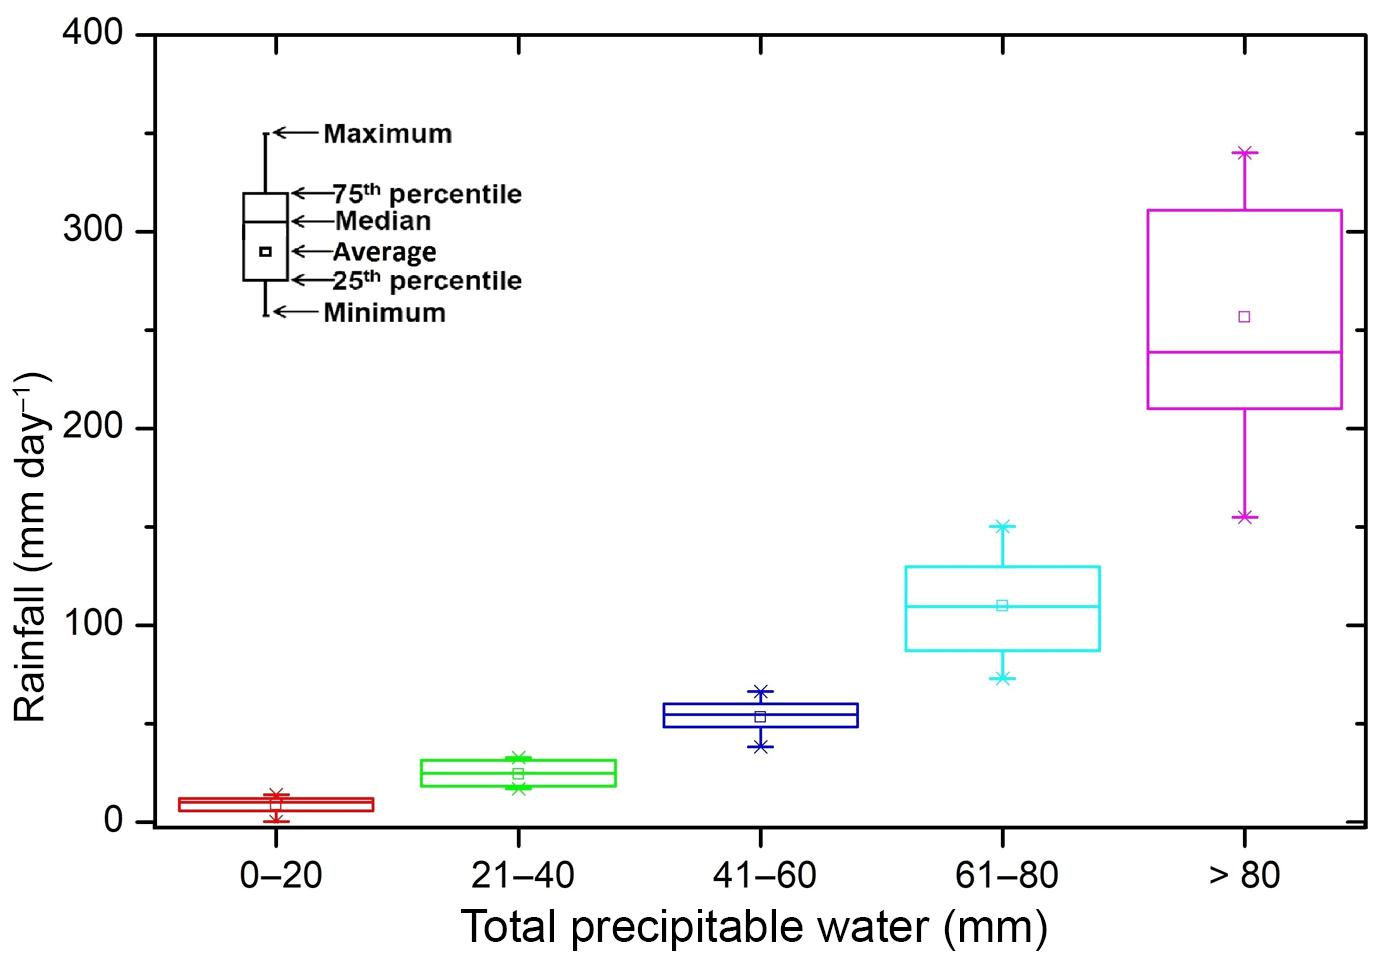 AMT - Potential of INSAT-3D sounder-derived total